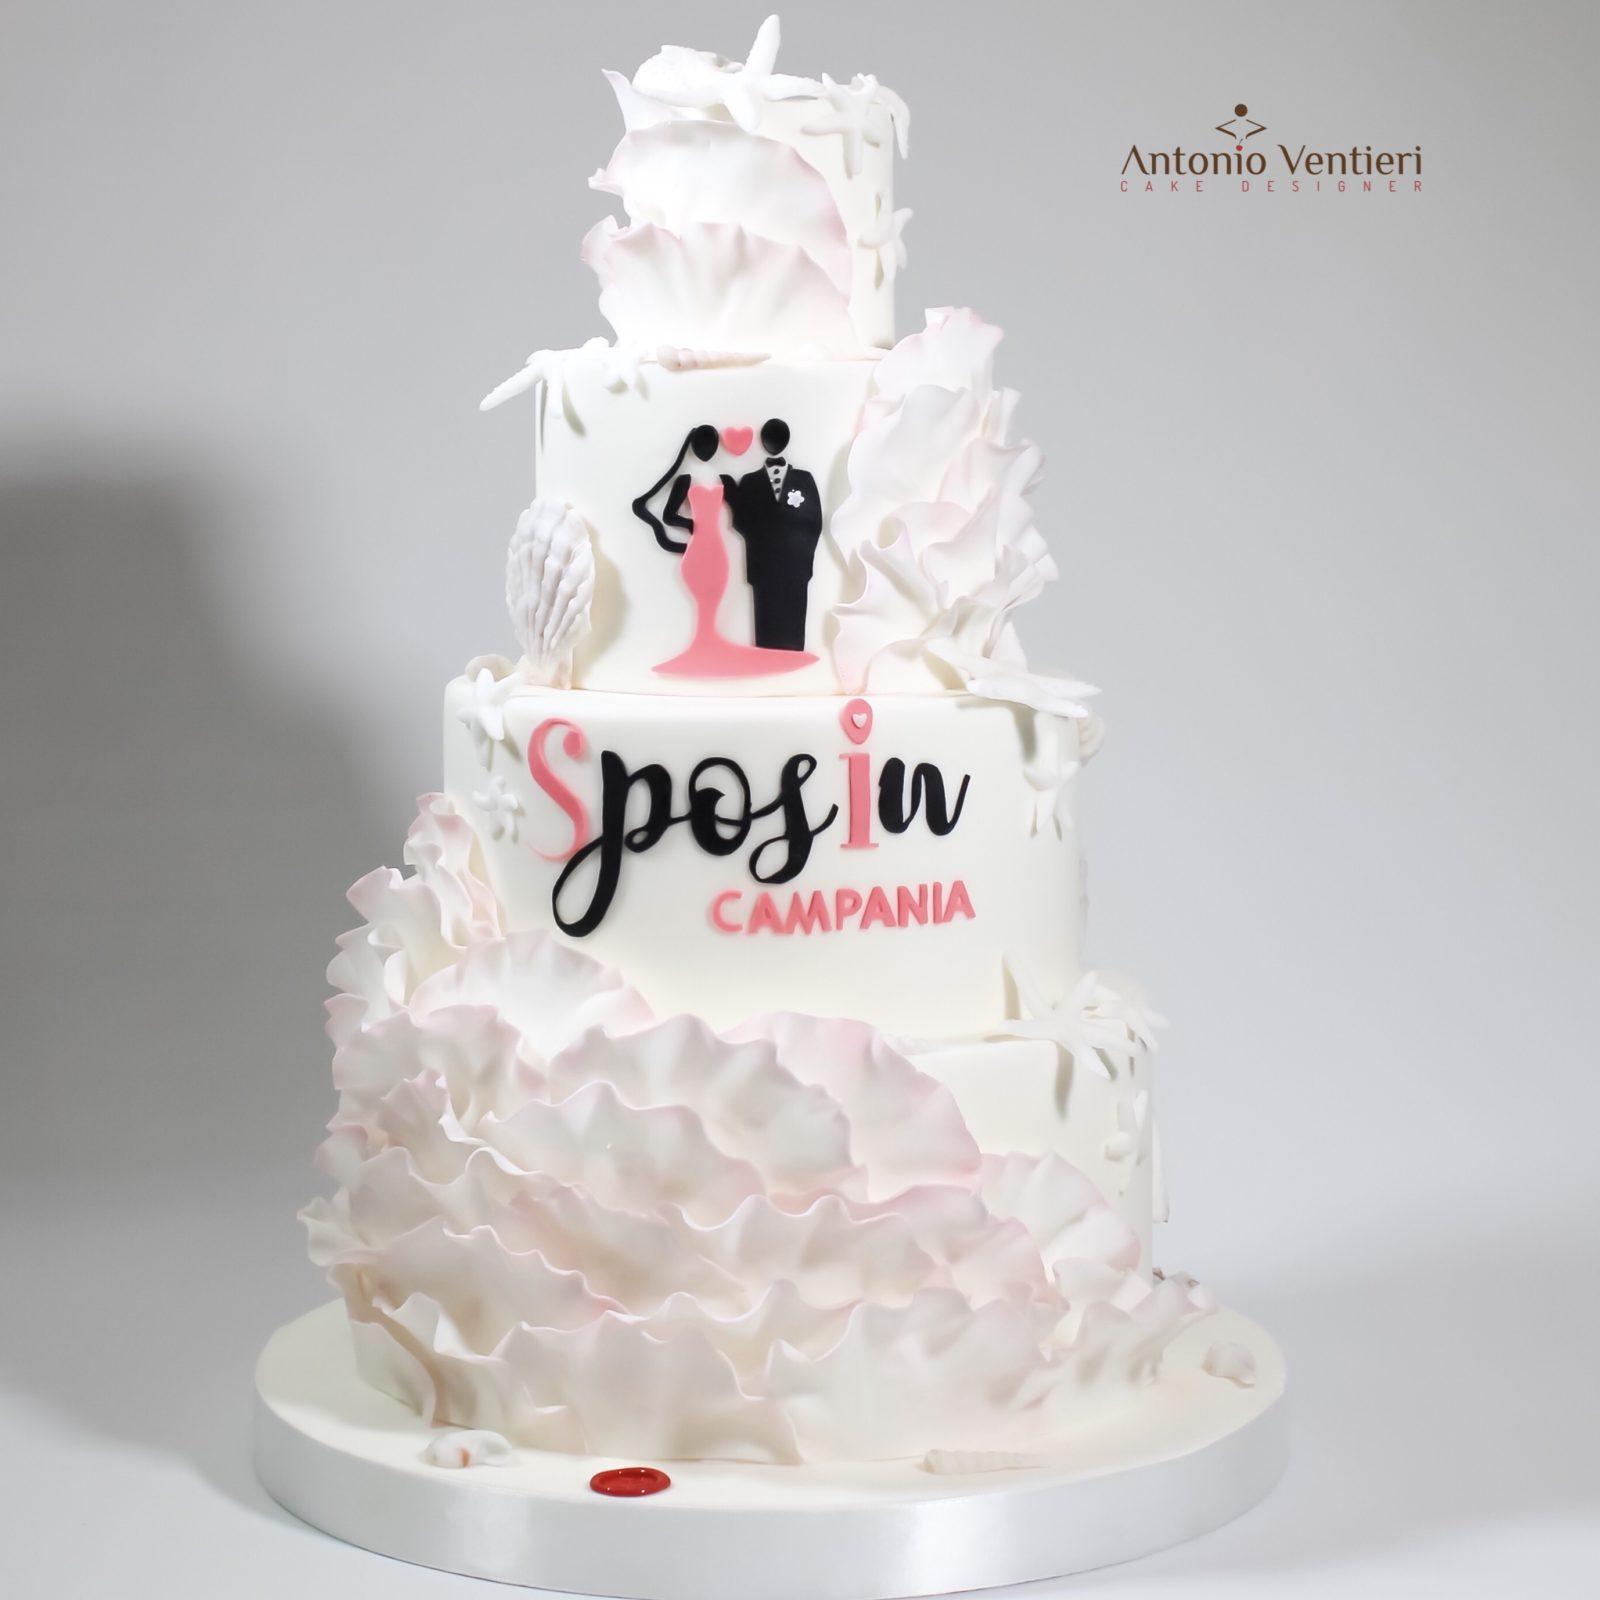 Bonus matrimonio per chi si sposa nel 2020, antonio ventieri, cake design, sposincampania, torta sposincampania, antonio ventieri cake design, sposi campania, sposi in campania, matrimoni campania, matrimonio campania, torte campania, antonio ventieri cake design capaccio paestum